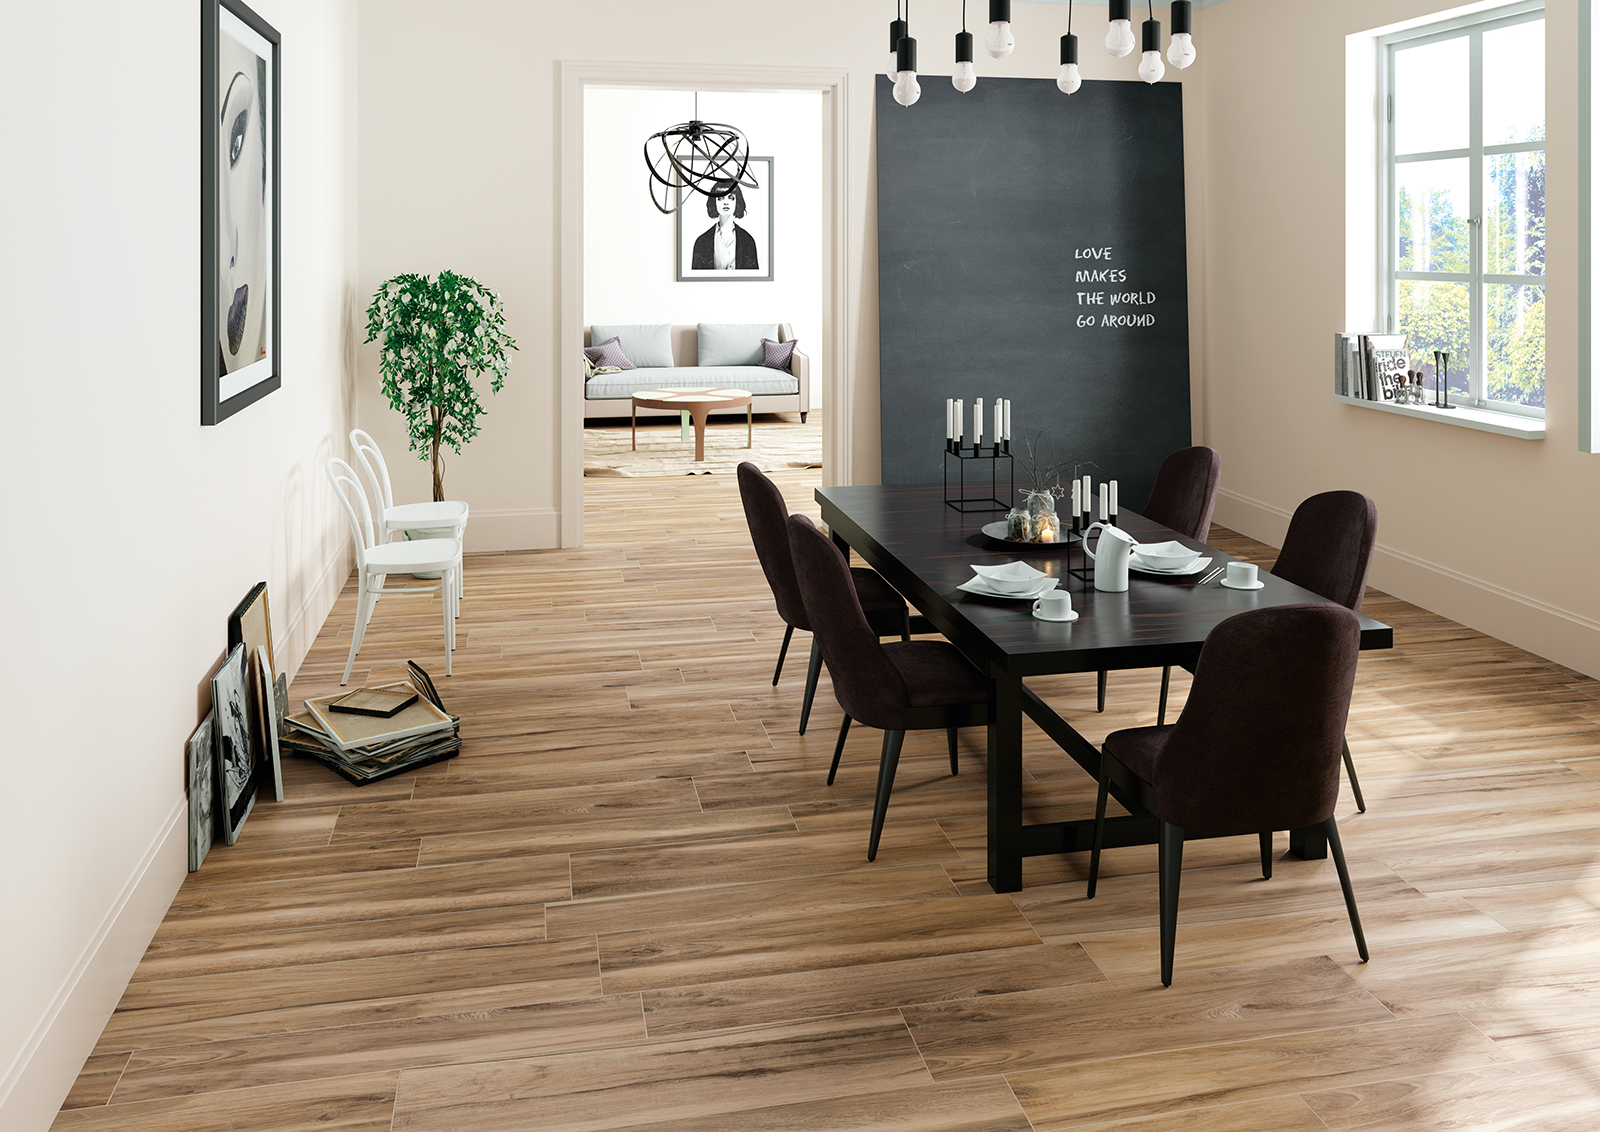 Pavimenti Effetto Legno Tortora : Serie reserve pavimenti e rivestimenti moda